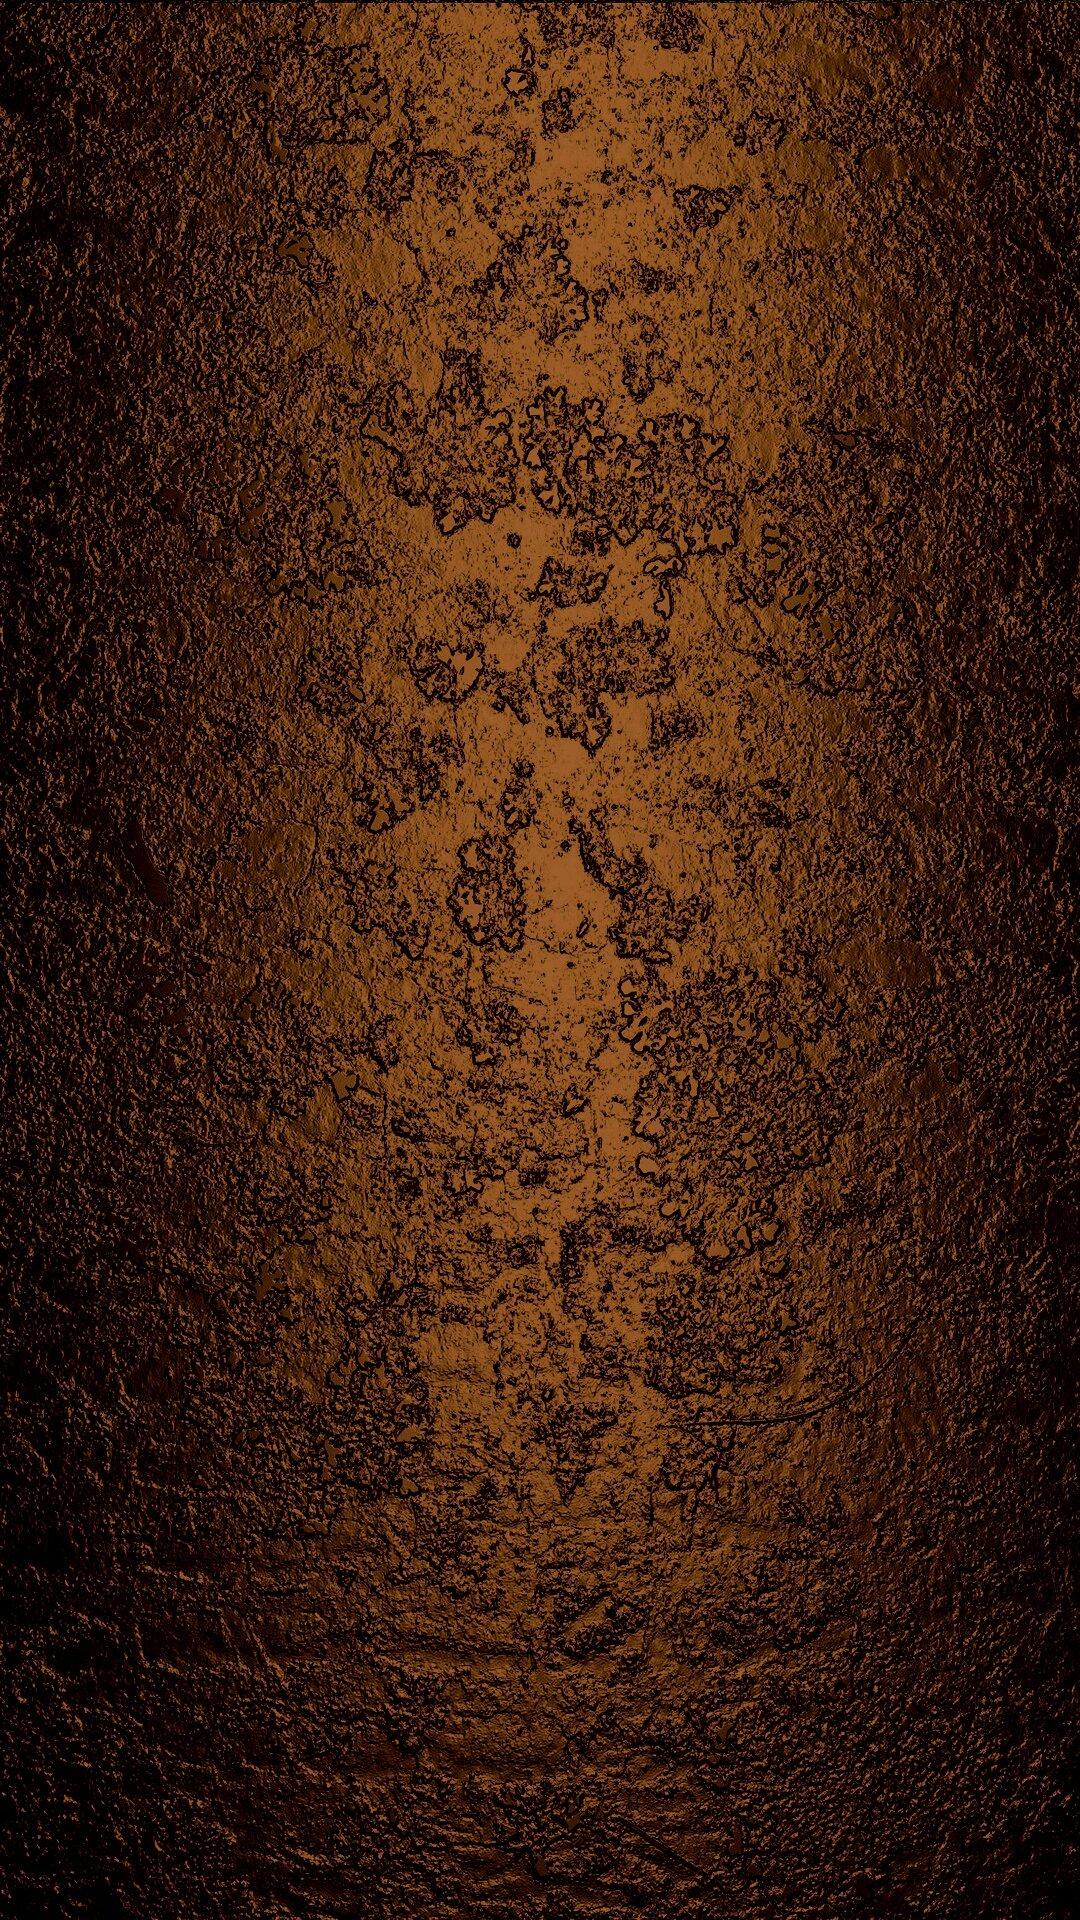 коричневая картинка для телефона богиня красоты, которая